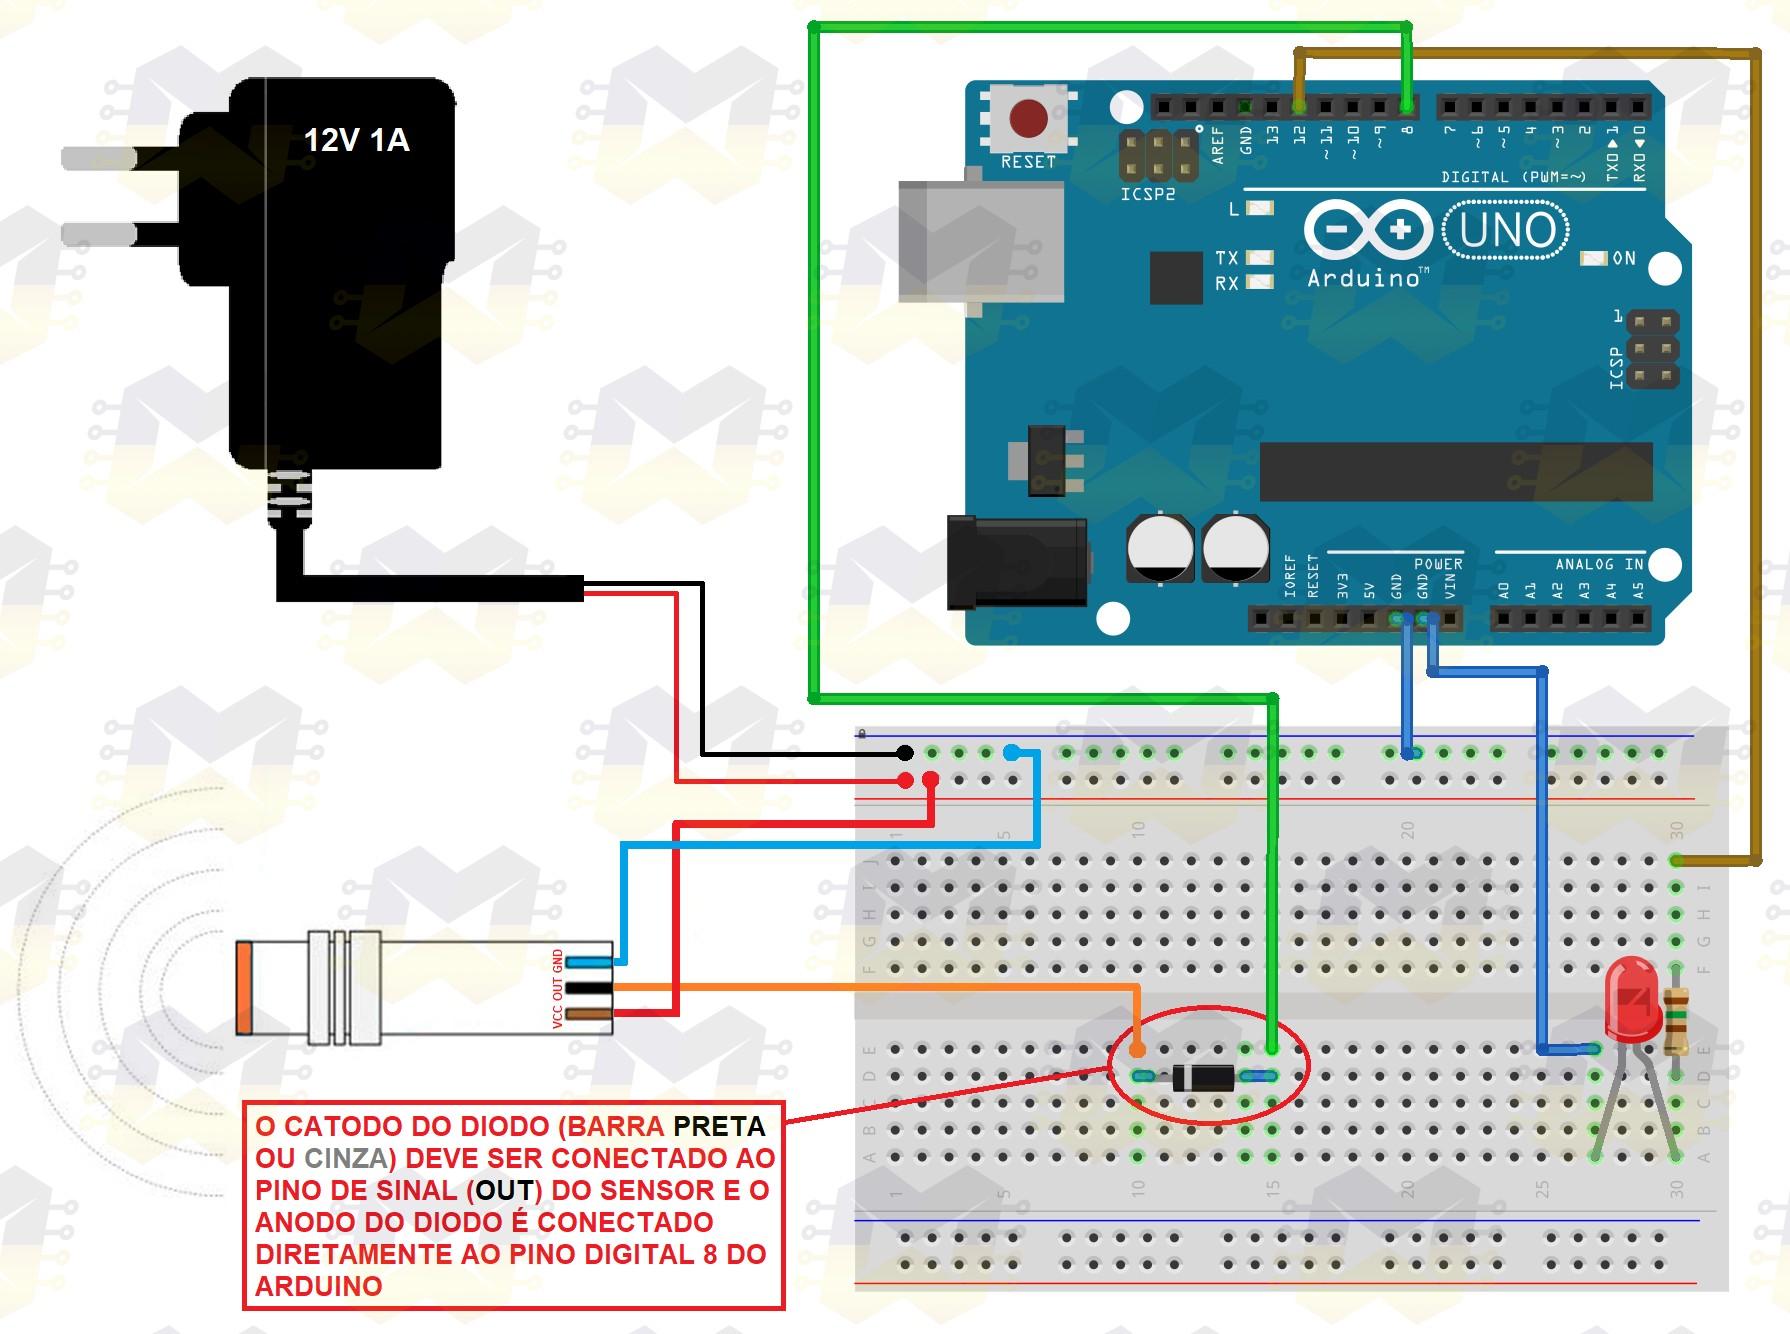 img01_como_usar_com_arduino_sensor_capacitivo_npn_de_proximidade_ljc18a3_h_z_bx_cnc_3d